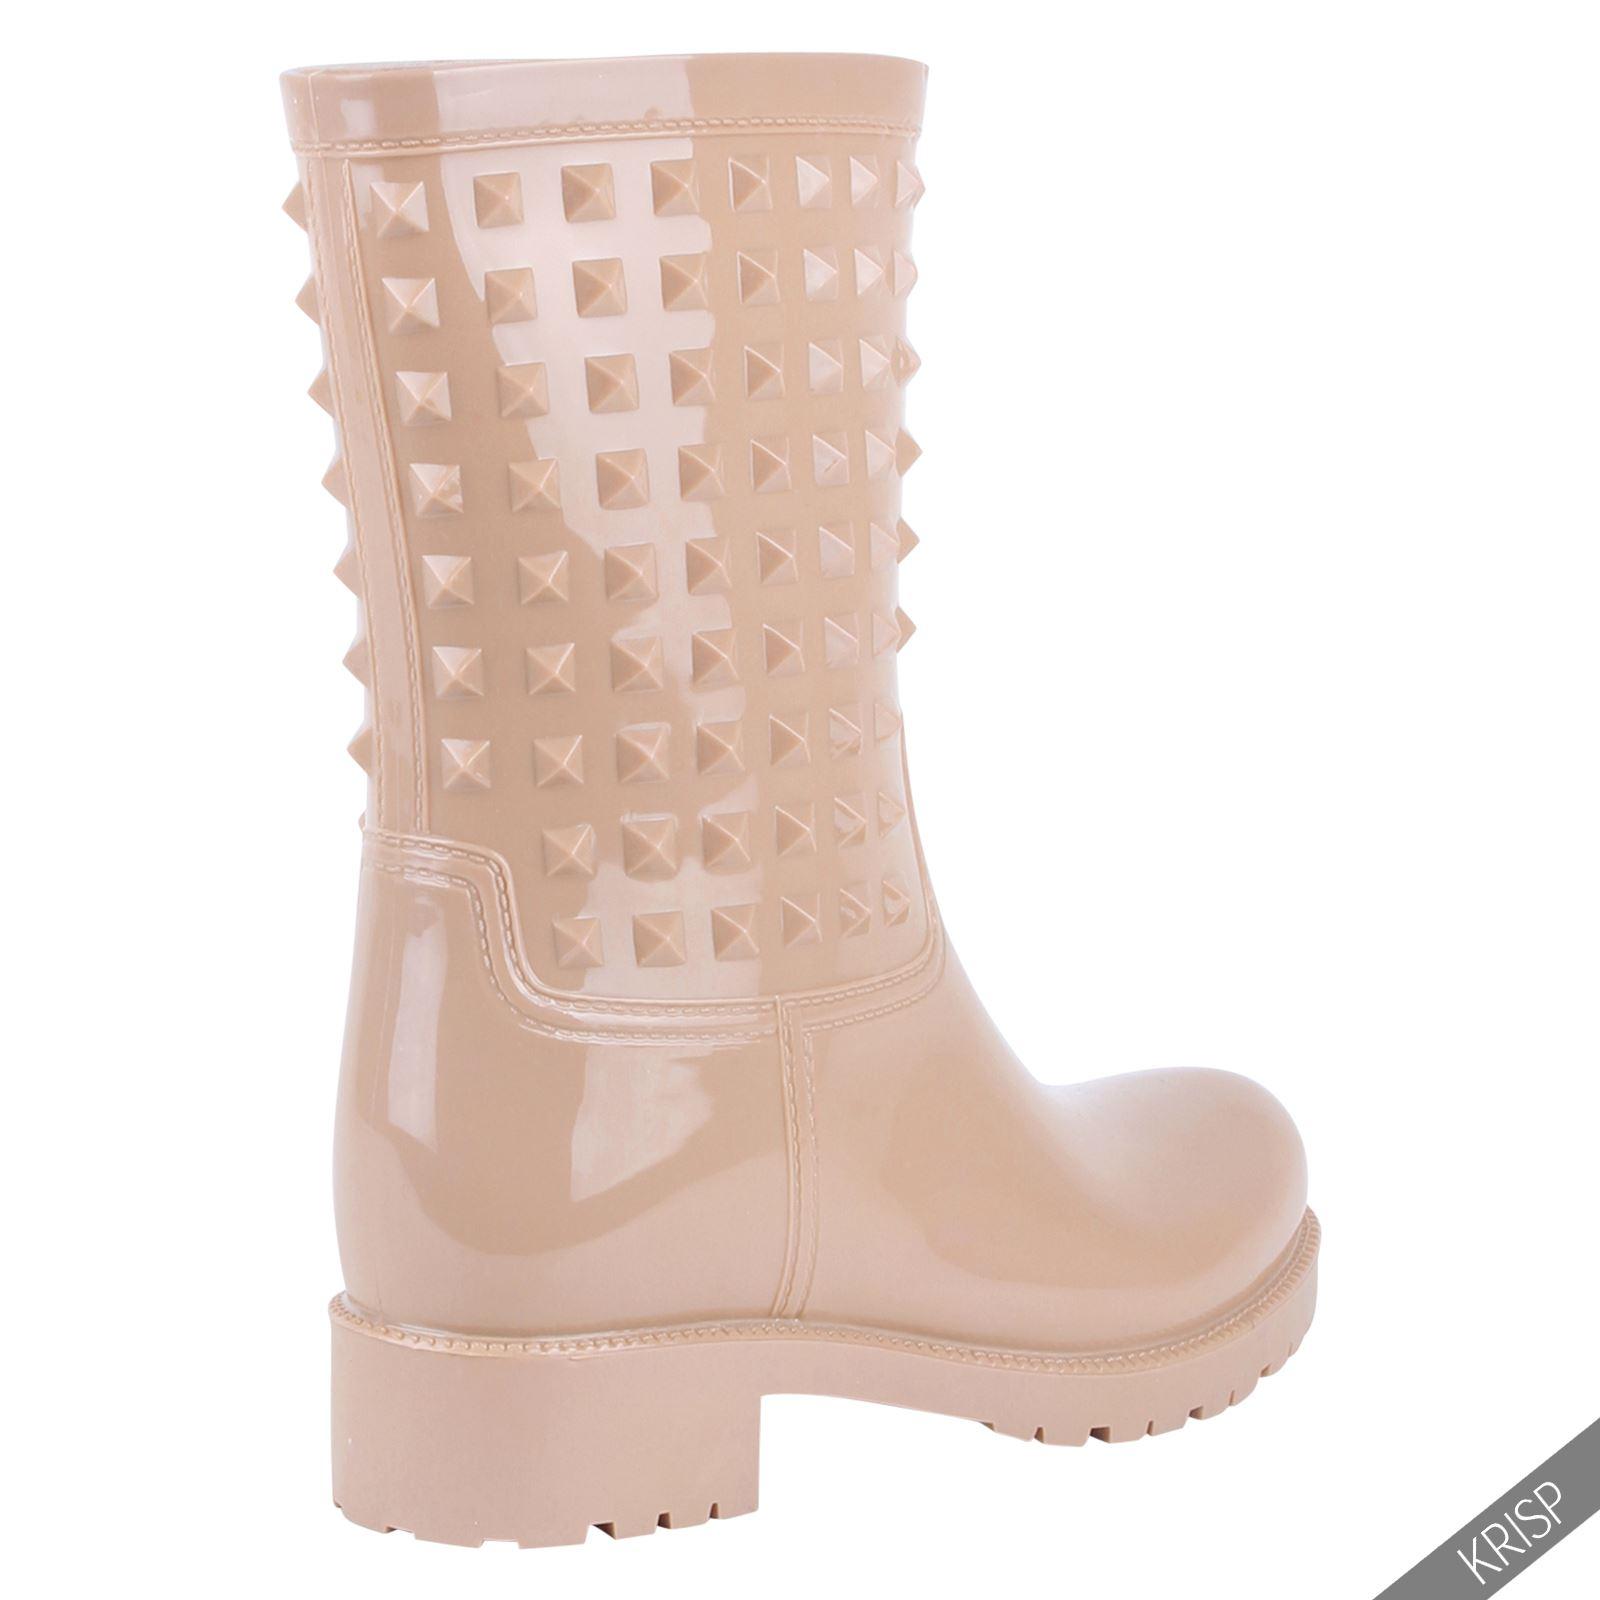 Botas-Agua-Mujer-Barata-Original-Botines-Moda-Comodas-Calzado-Elastico-Juveniles miniatura 10